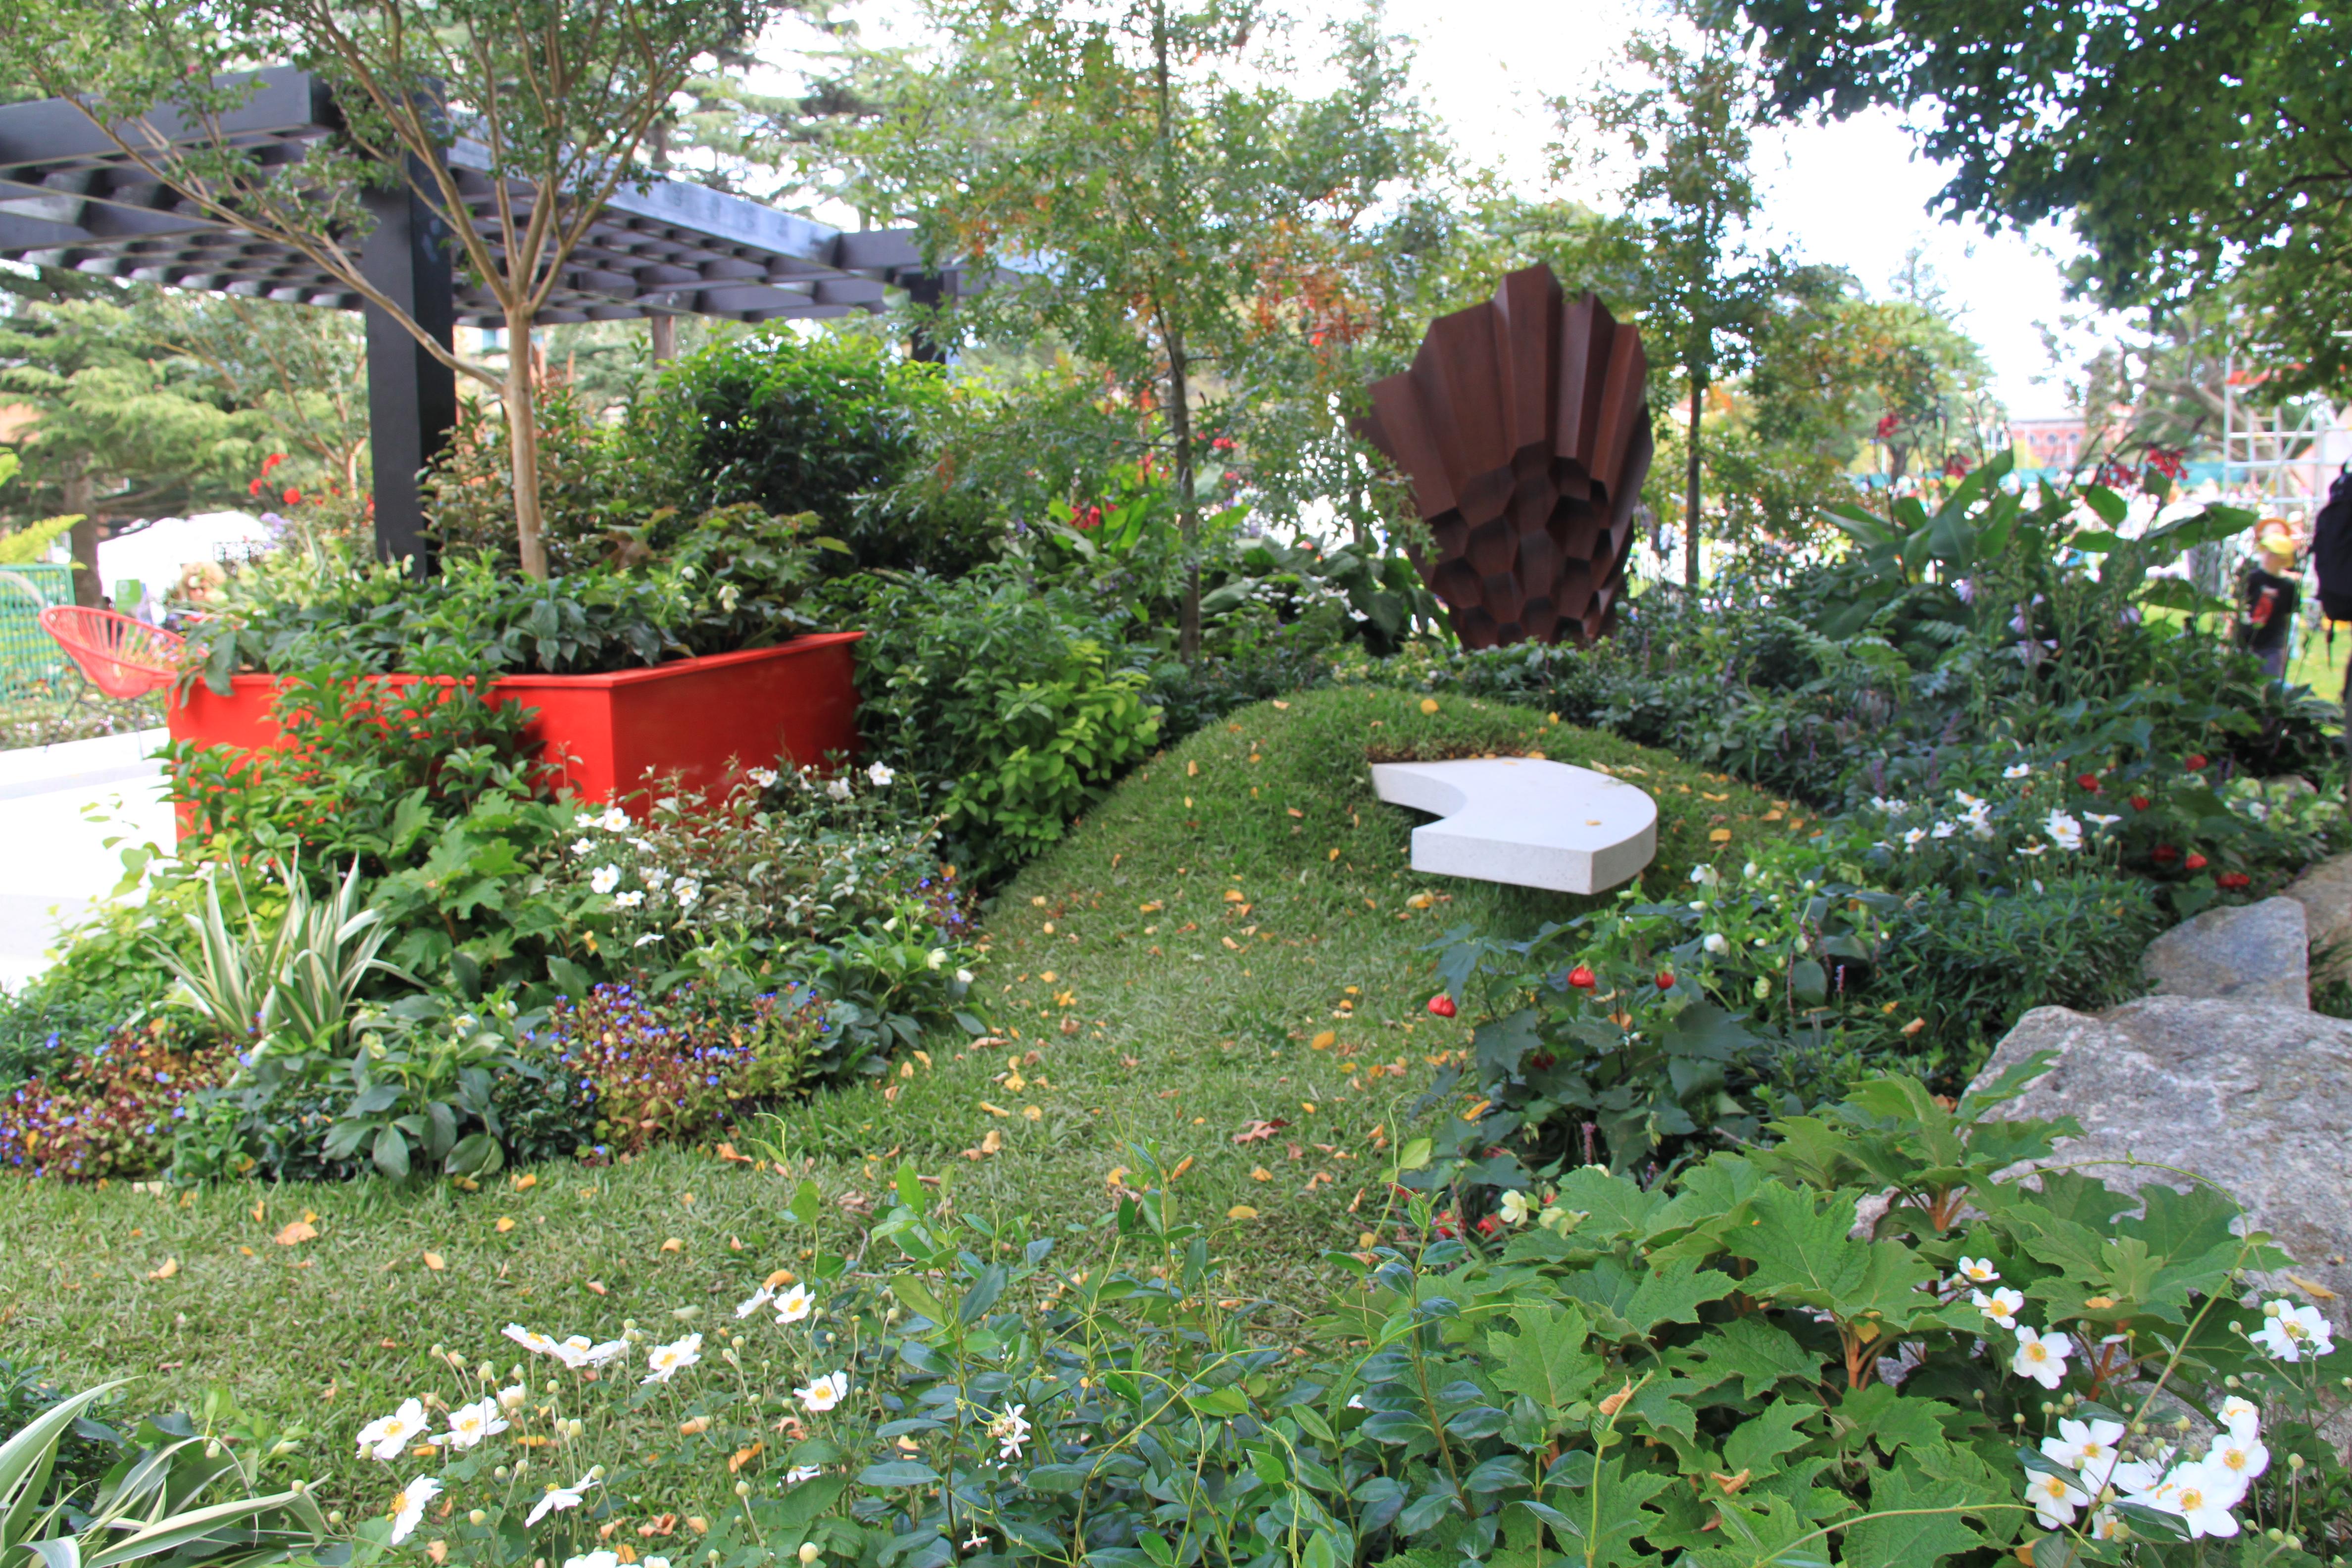 Cantilevered bench janna schreier garden design for Garden design jobs sydney